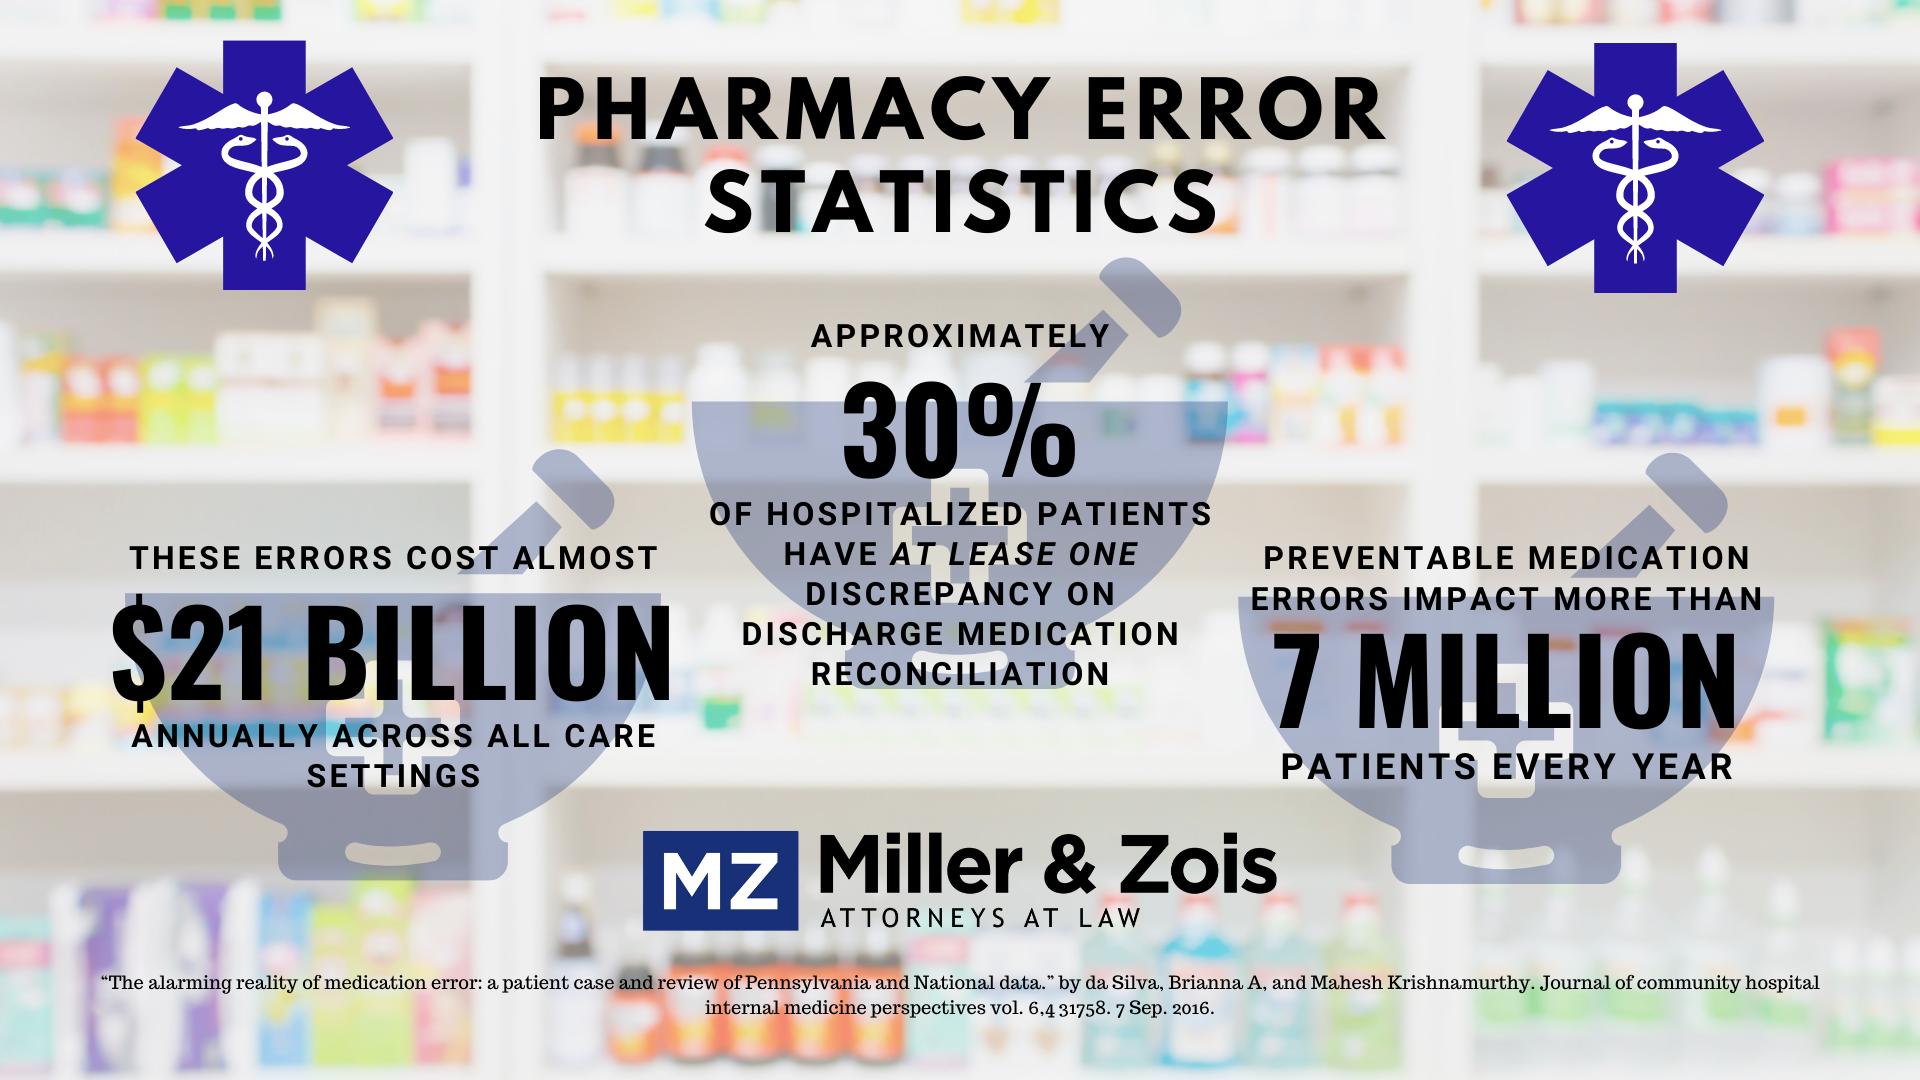 Pharmacy error statistics